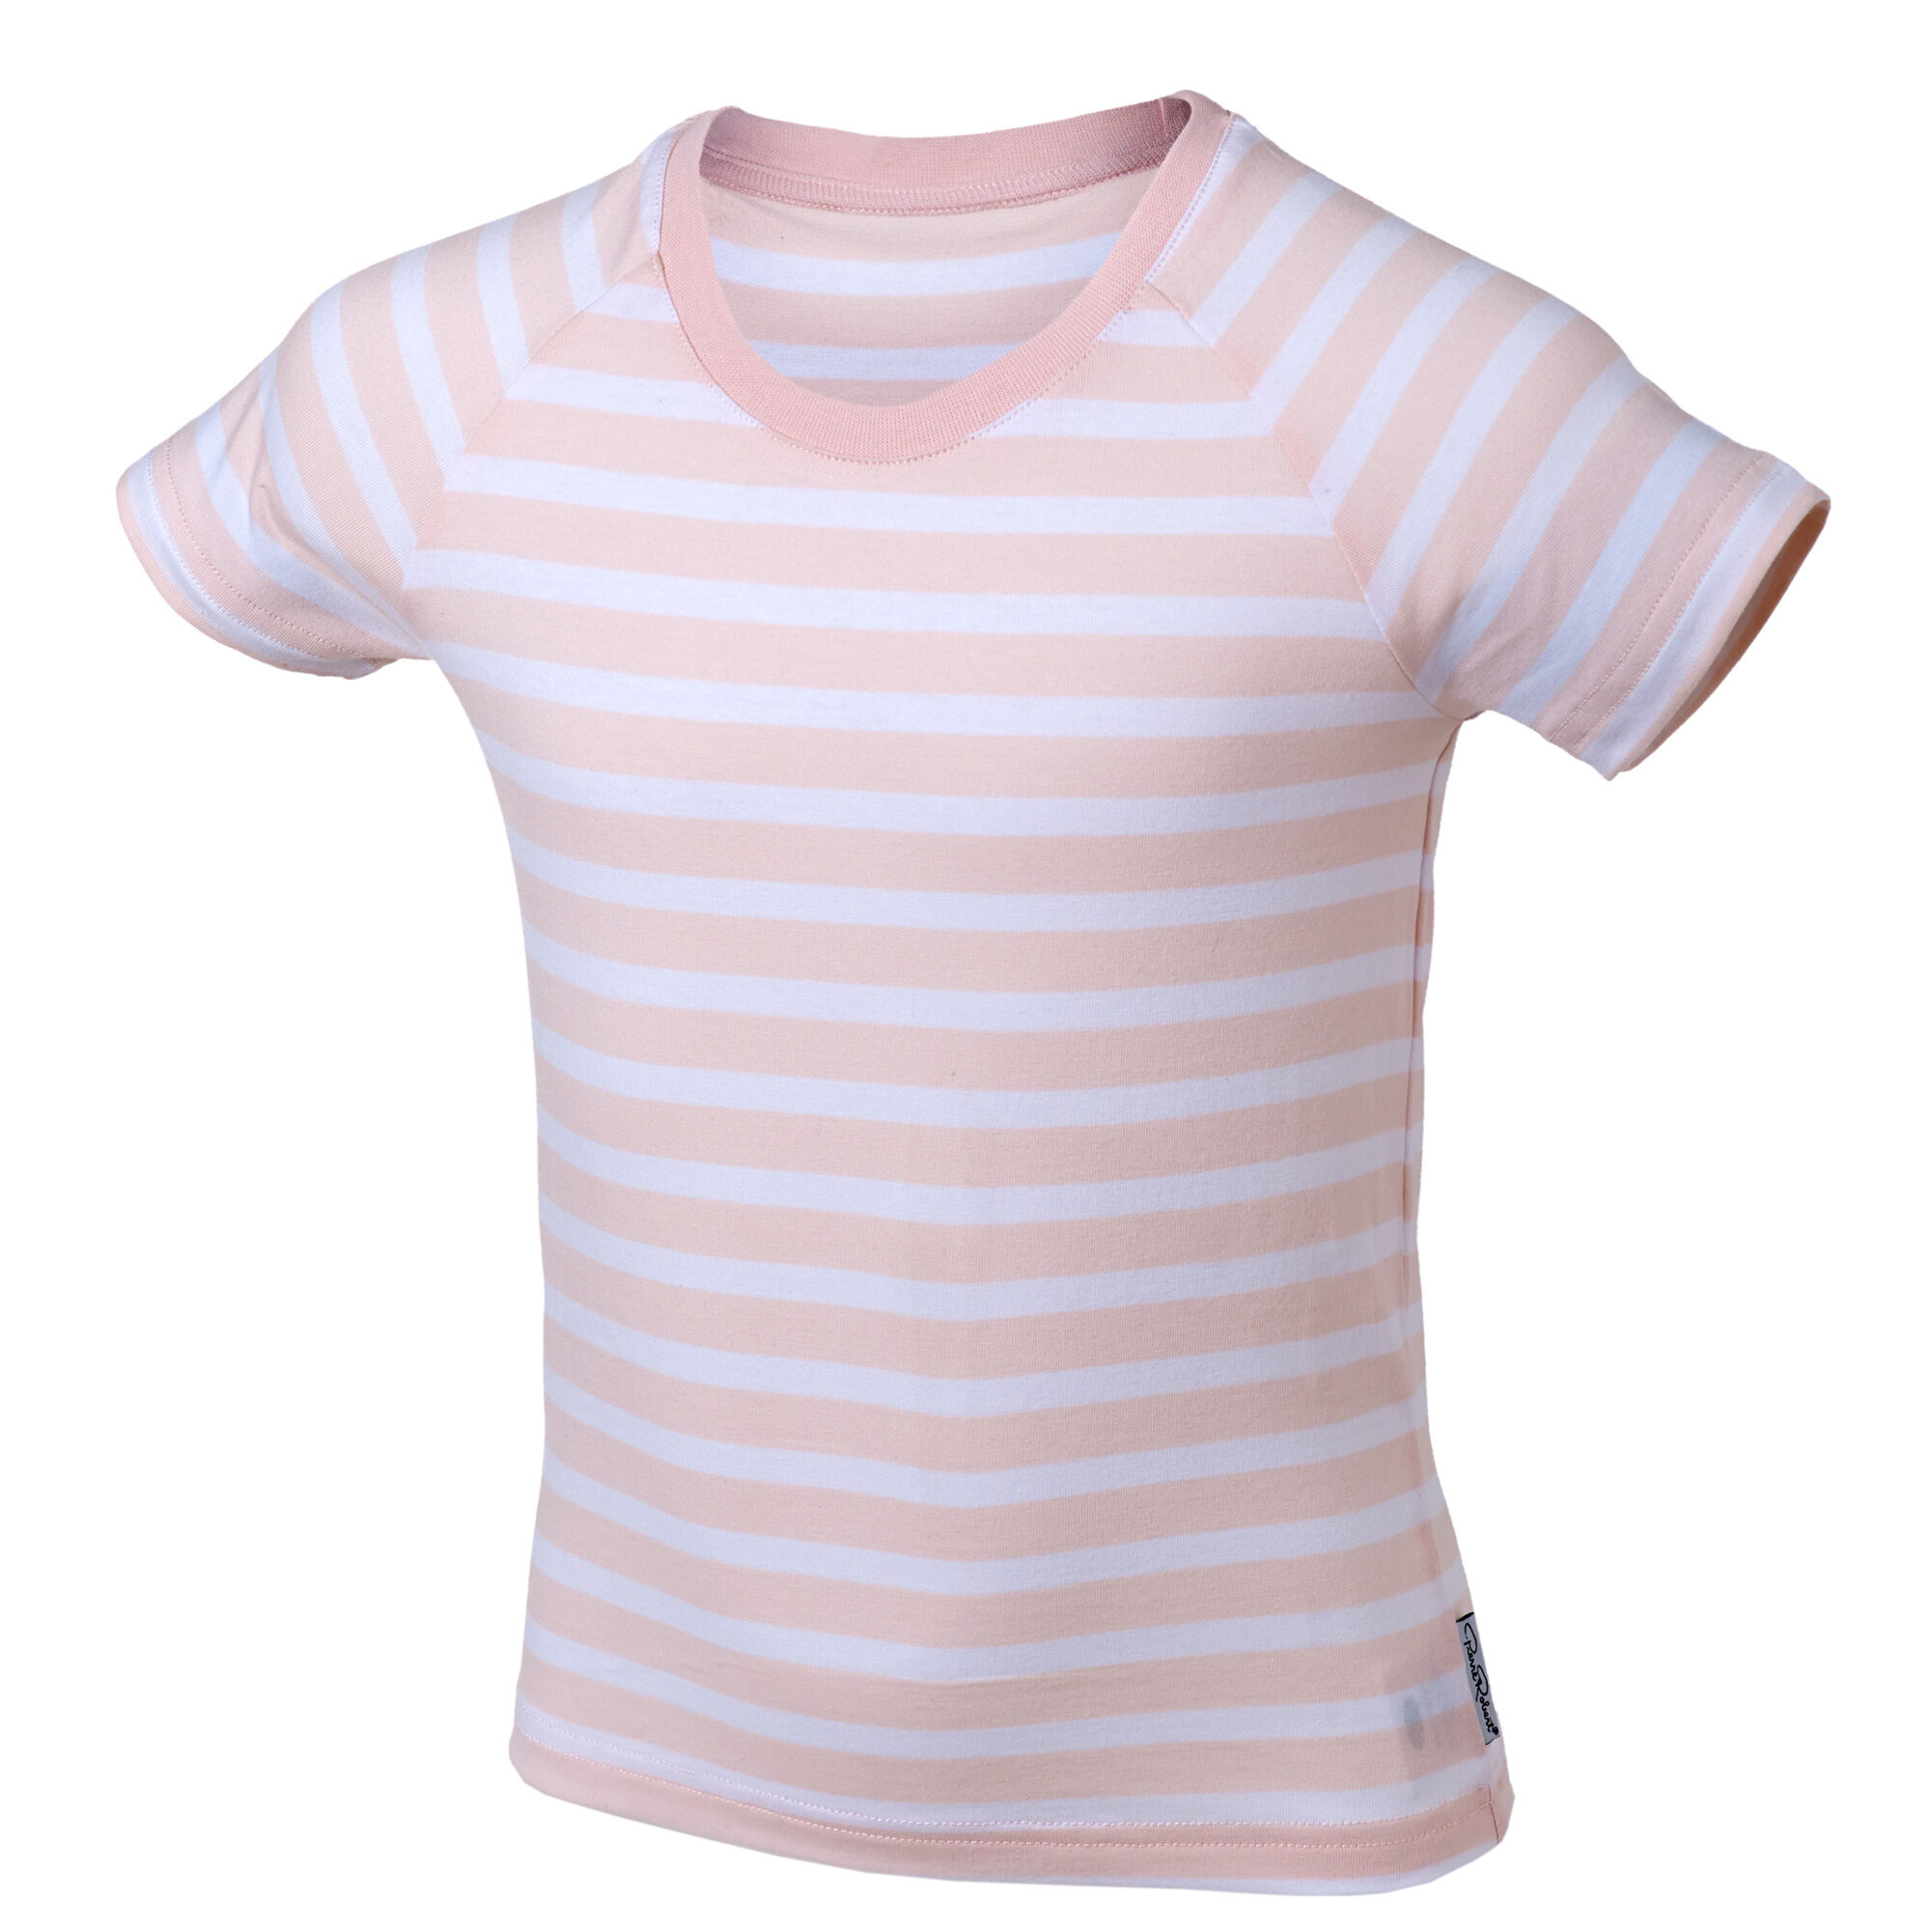 T skjorter til barn | Kule T shirts